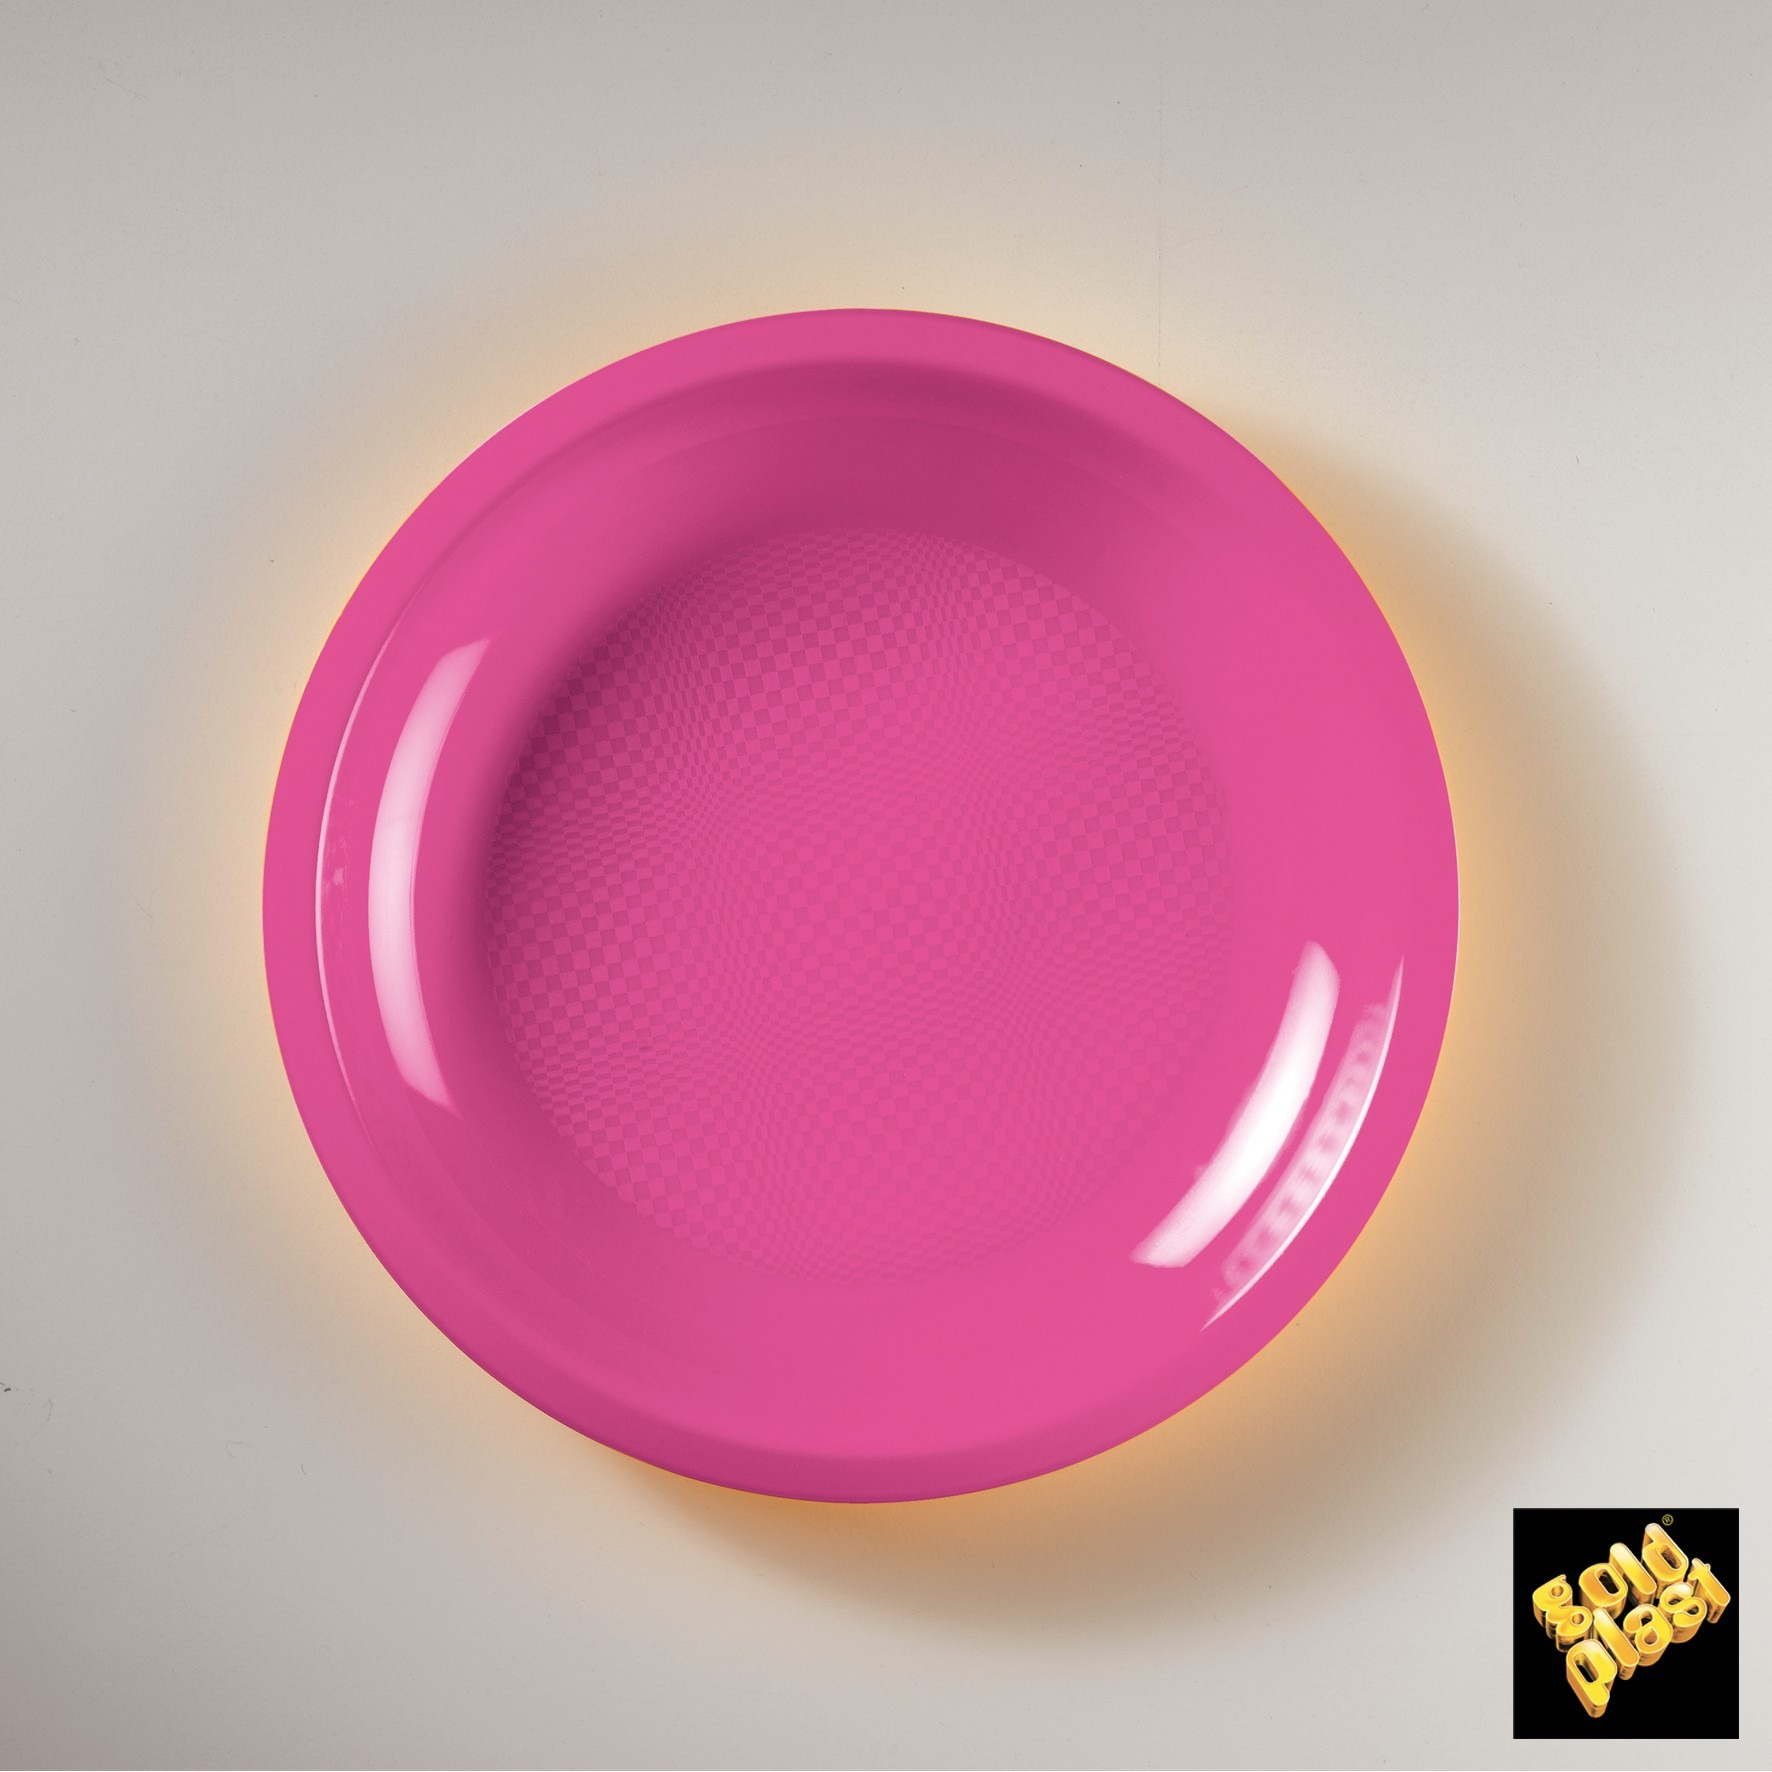 50 piatti tondi piani in plastica colorata - Ingrosso bevande piano tavola ...